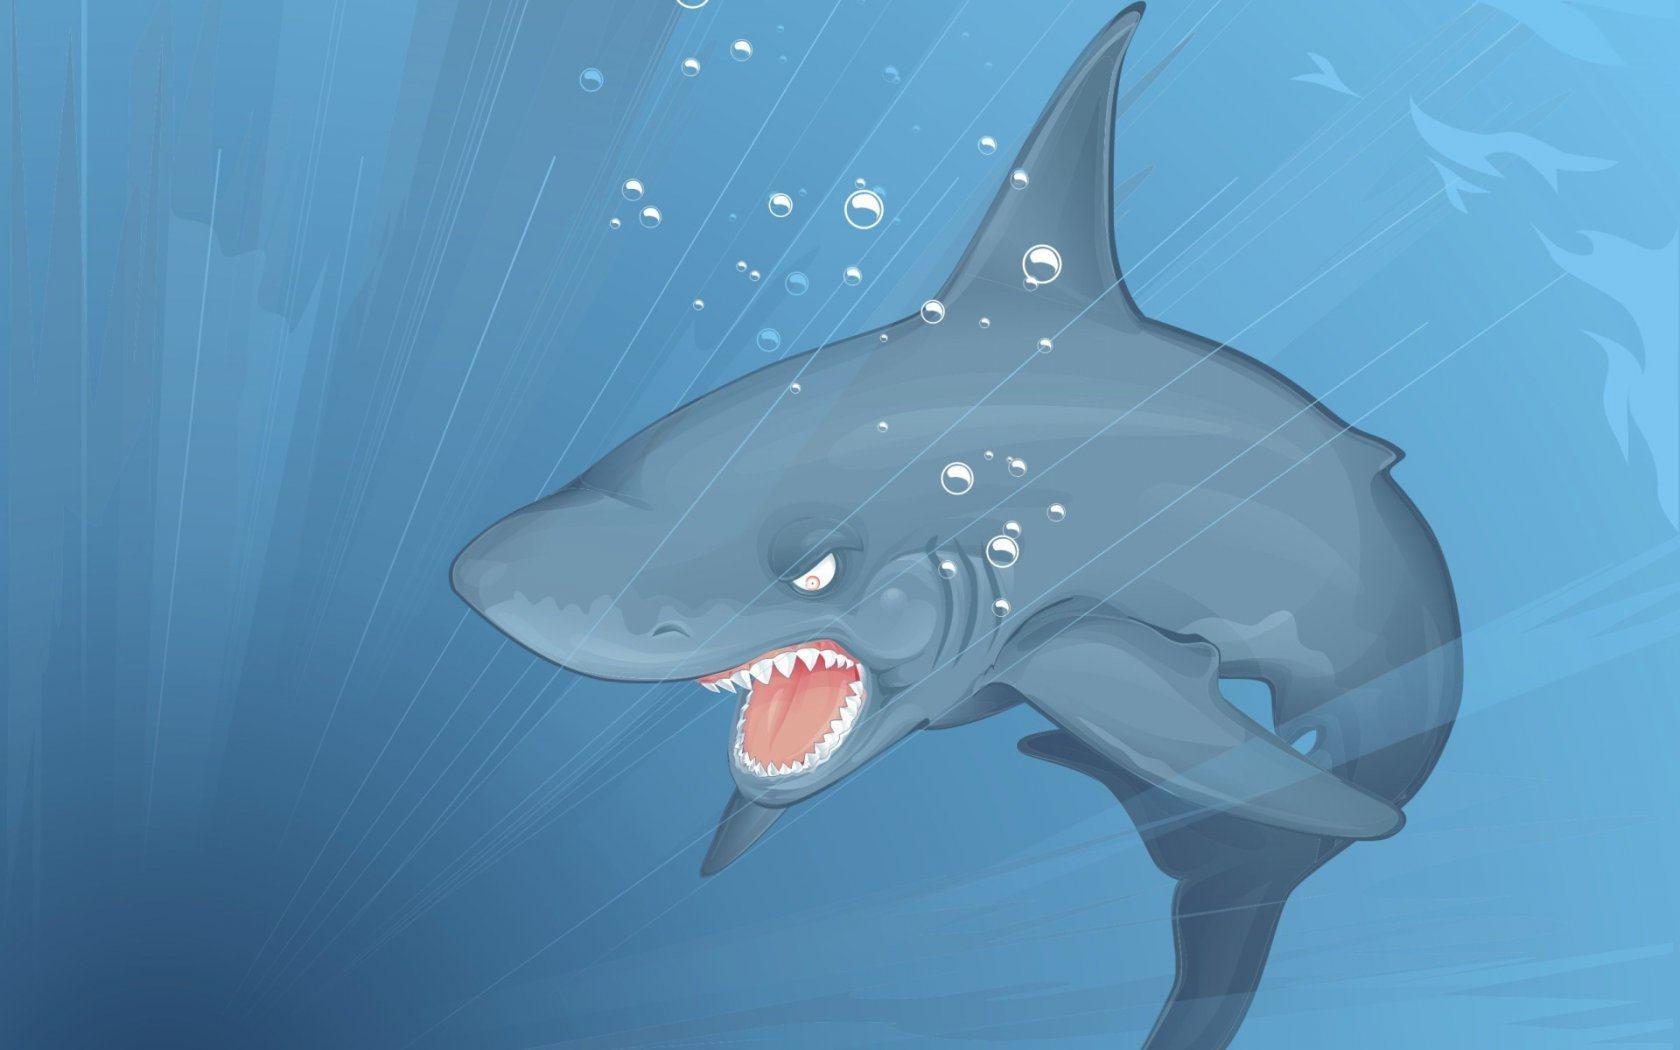 рисованная акула, обои на рабочий стол